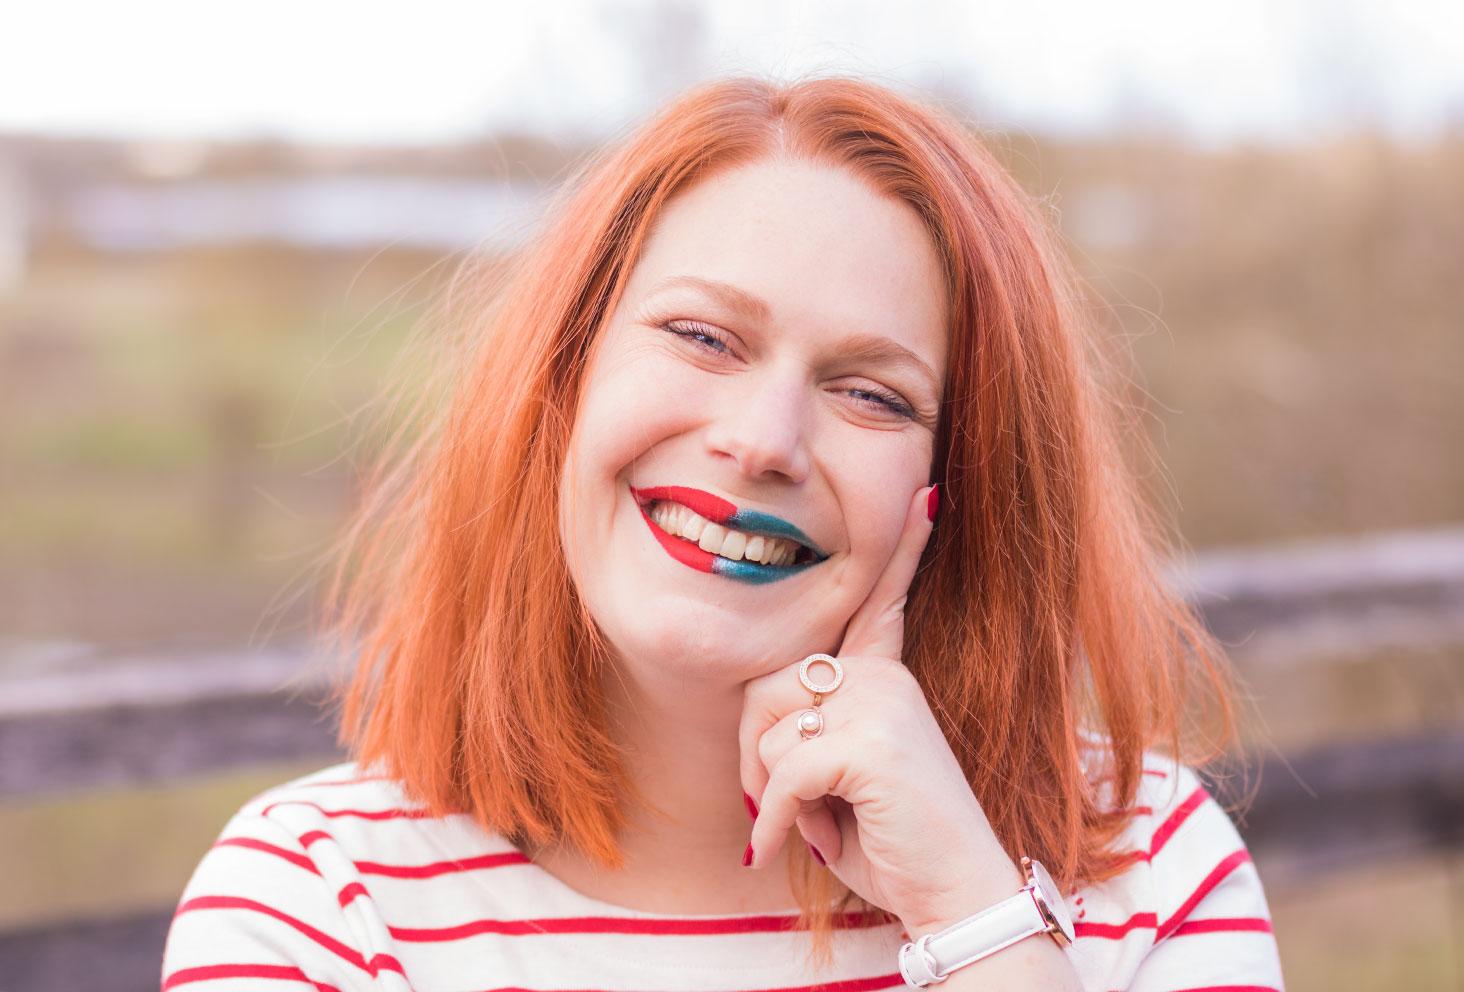 On prend le nouveau problème, l'indécision, avec le sourire bicolore bleu et rouge, le doigt en réflexion contre la joue